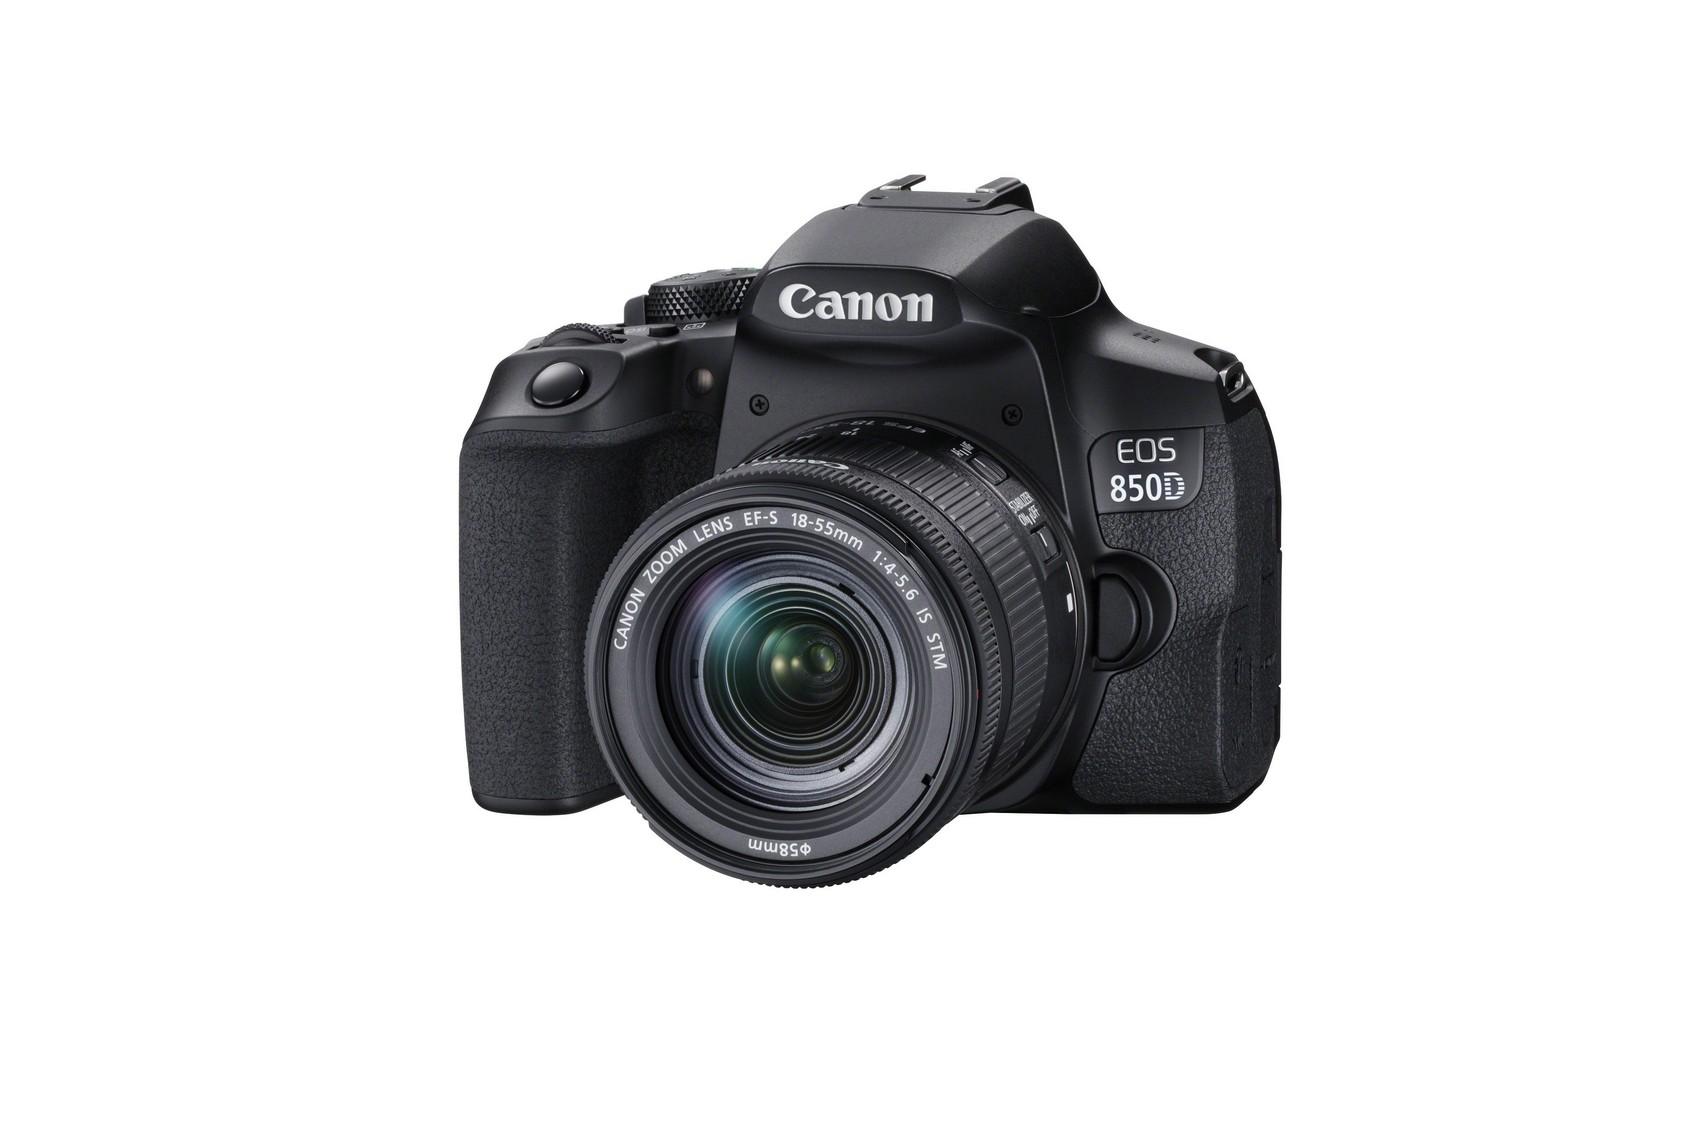 Die Canon EOS 850D bietet ein AF-System mit 45-Feldern sowie mit Augenerkennung (und Nachführung).